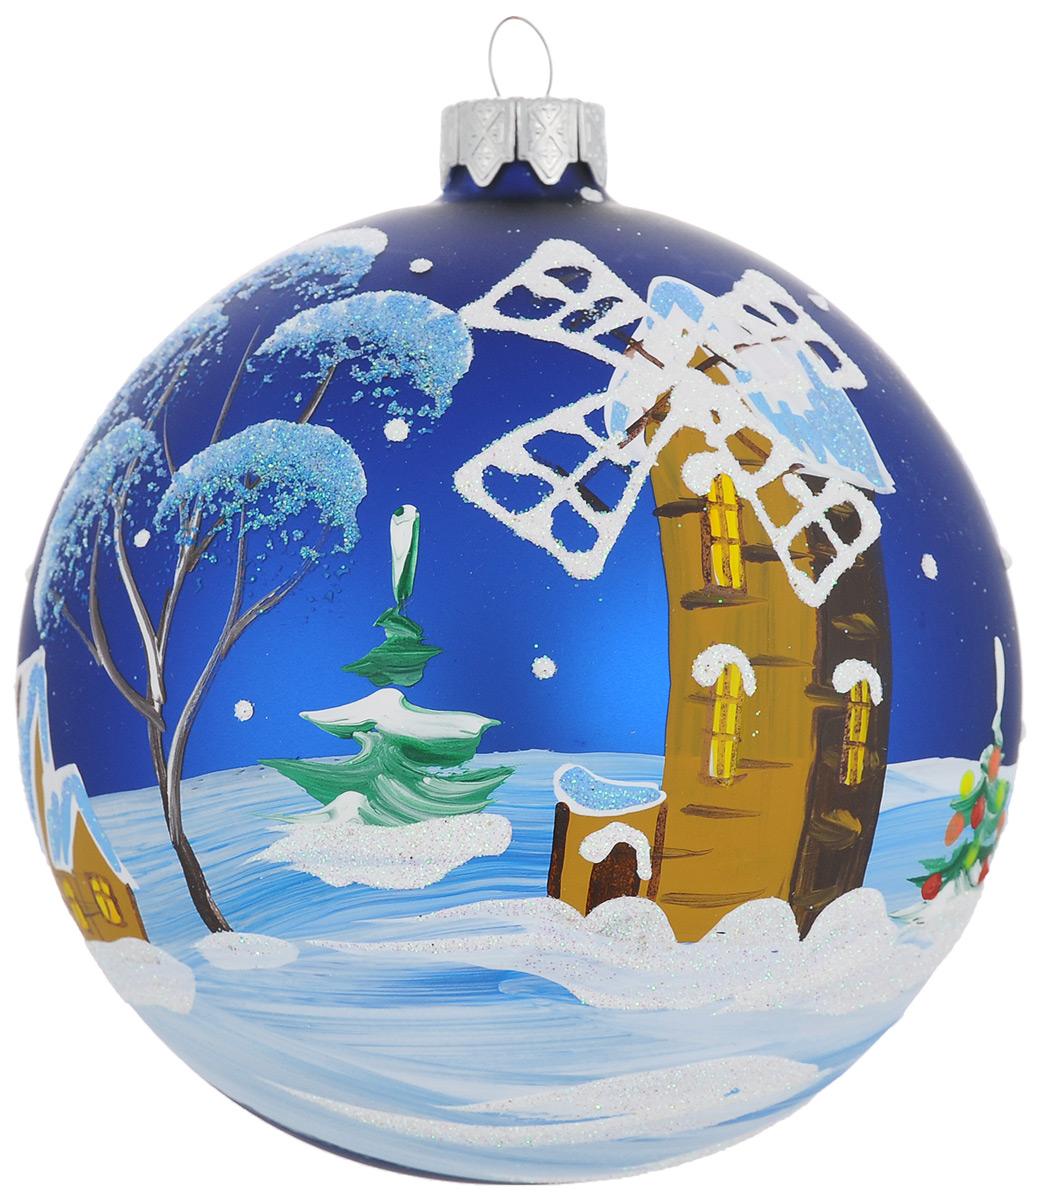 """Новогоднее украшение """"Мельница и елка"""" отлично подойдет для украшения вашего дома и новогодней ели. Игрушка выполнена из тонкого стекла в виде шара и декорирована изображением мельницы и покрытых снегом деревьев. Украшение оснащено специальной металлической петелькой, в которую можно продеть нитку или ленту для подвешивания. Елочная игрушка - символ Нового года. Она несет в себе волшебство и красоту праздника. Создайте в своем доме атмосферу веселья и радости, украшая всей семьей новогоднюю елку нарядными игрушками, которые будут из года в год накапливать теплоту воспоминаний."""